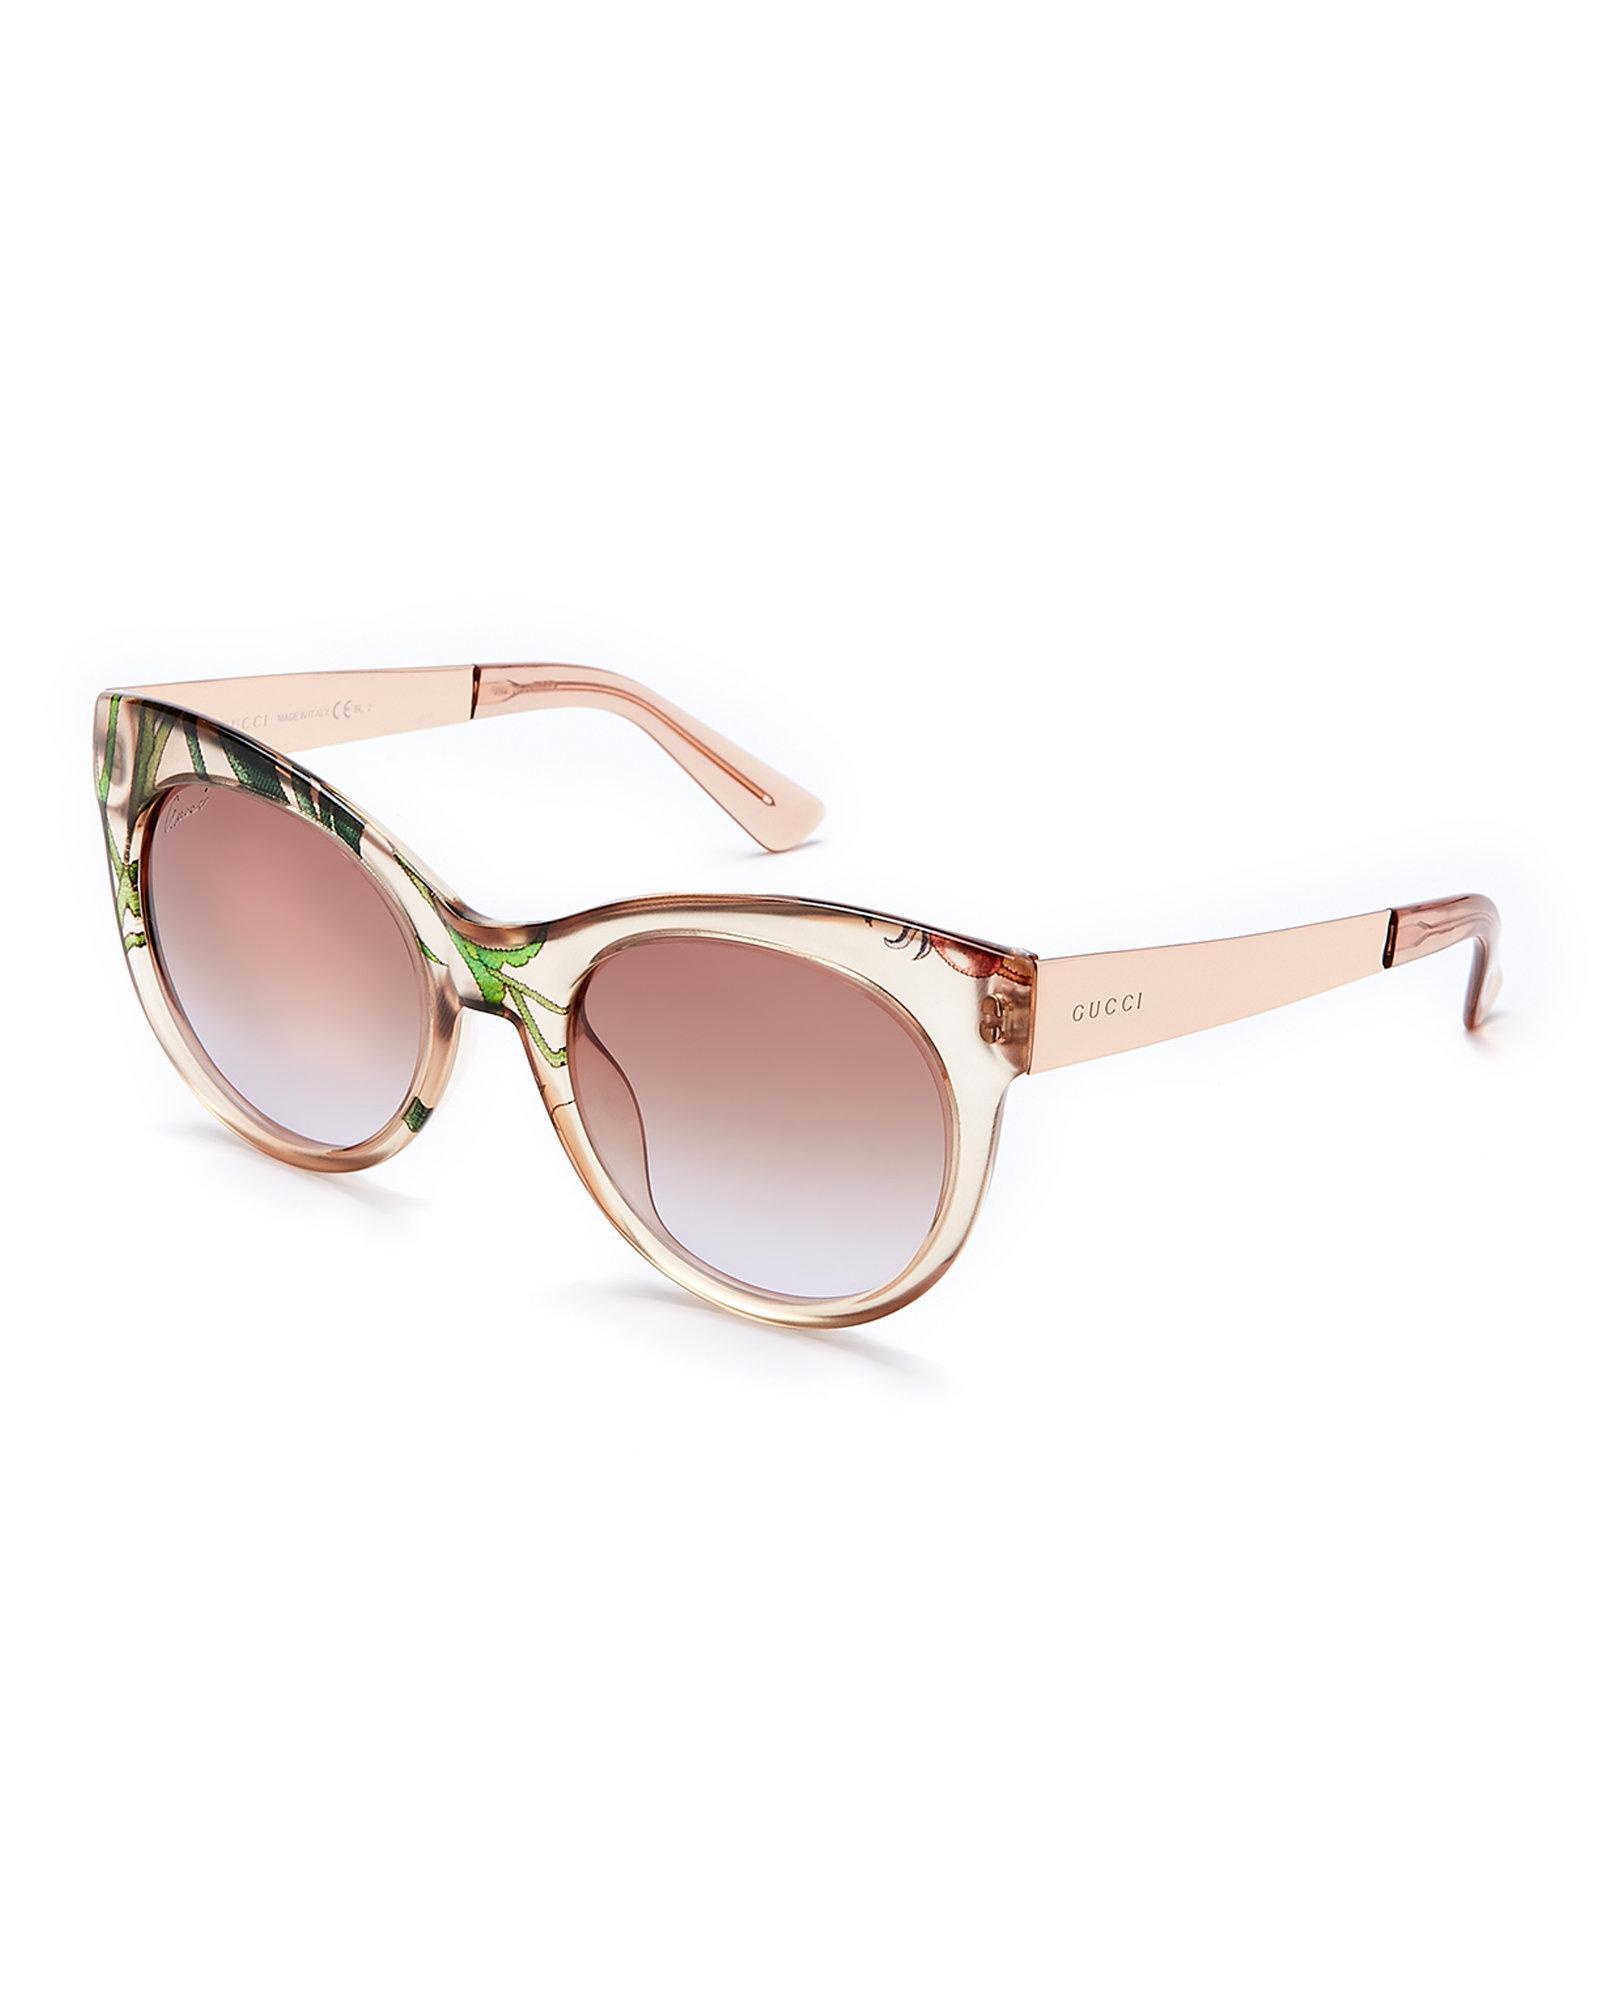 276a2f14cbe8 Gucci Cat Eye Sunglasses Ebay